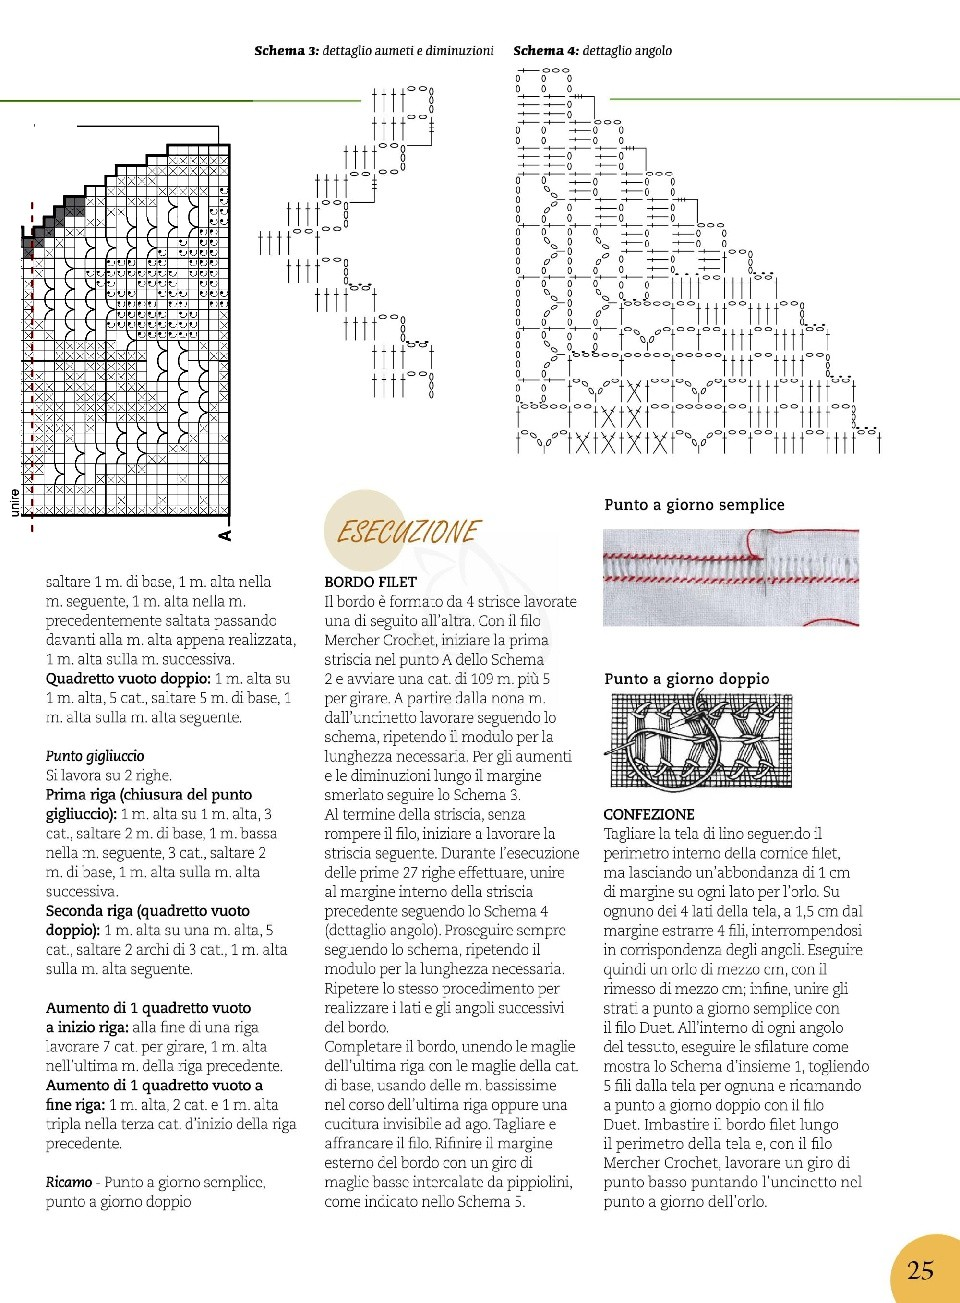 37Motivi-all-Uncinetto18-025